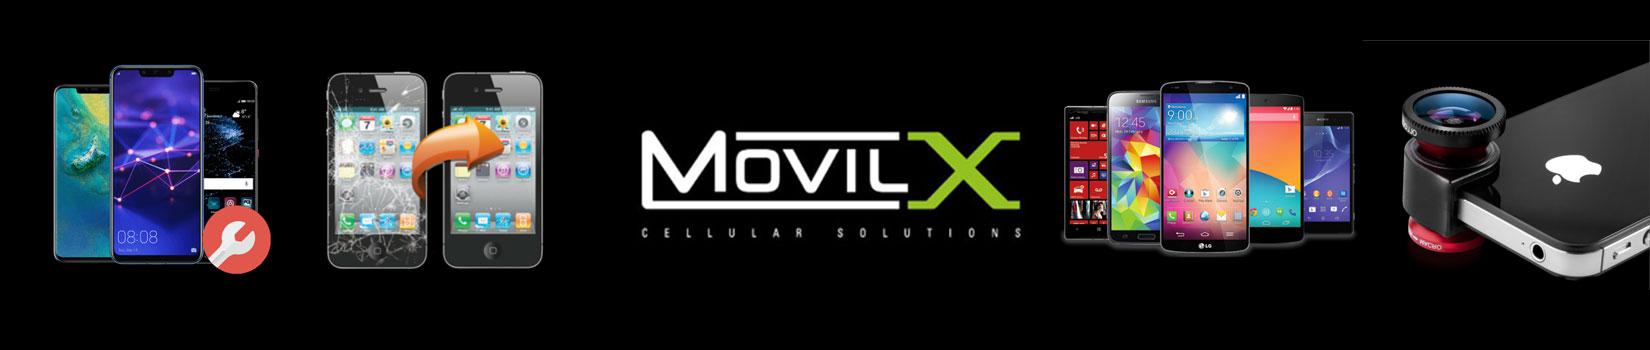 MOVIL X